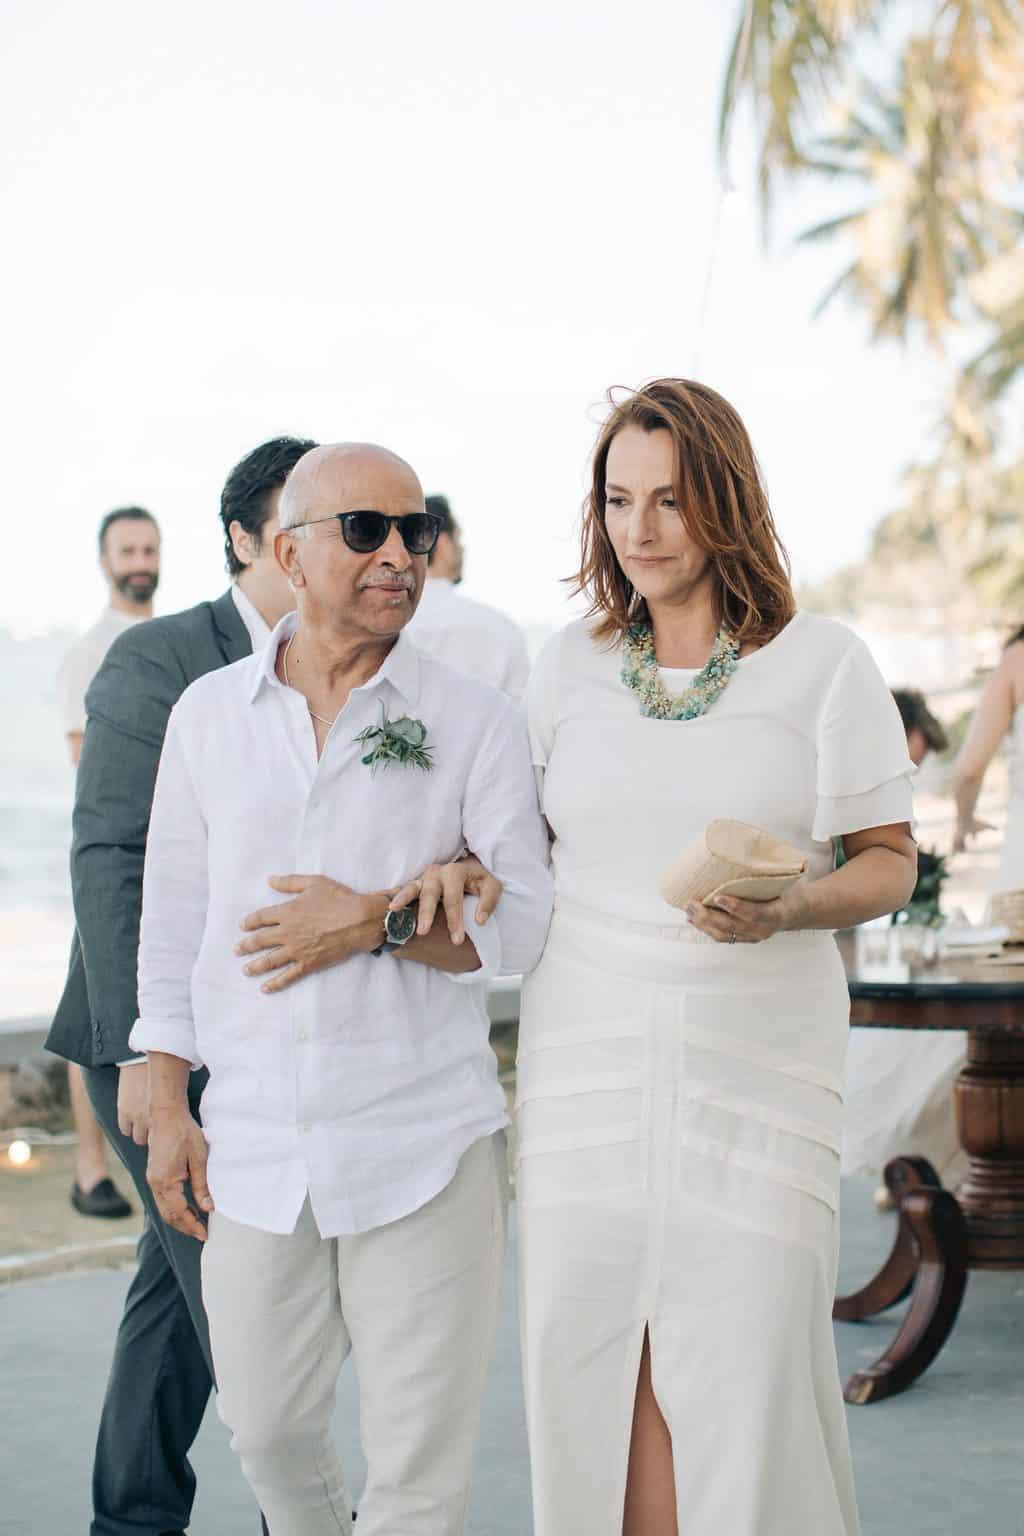 casamento-Danielle-e-Guilherme-aloha-fotografia-caseme-75